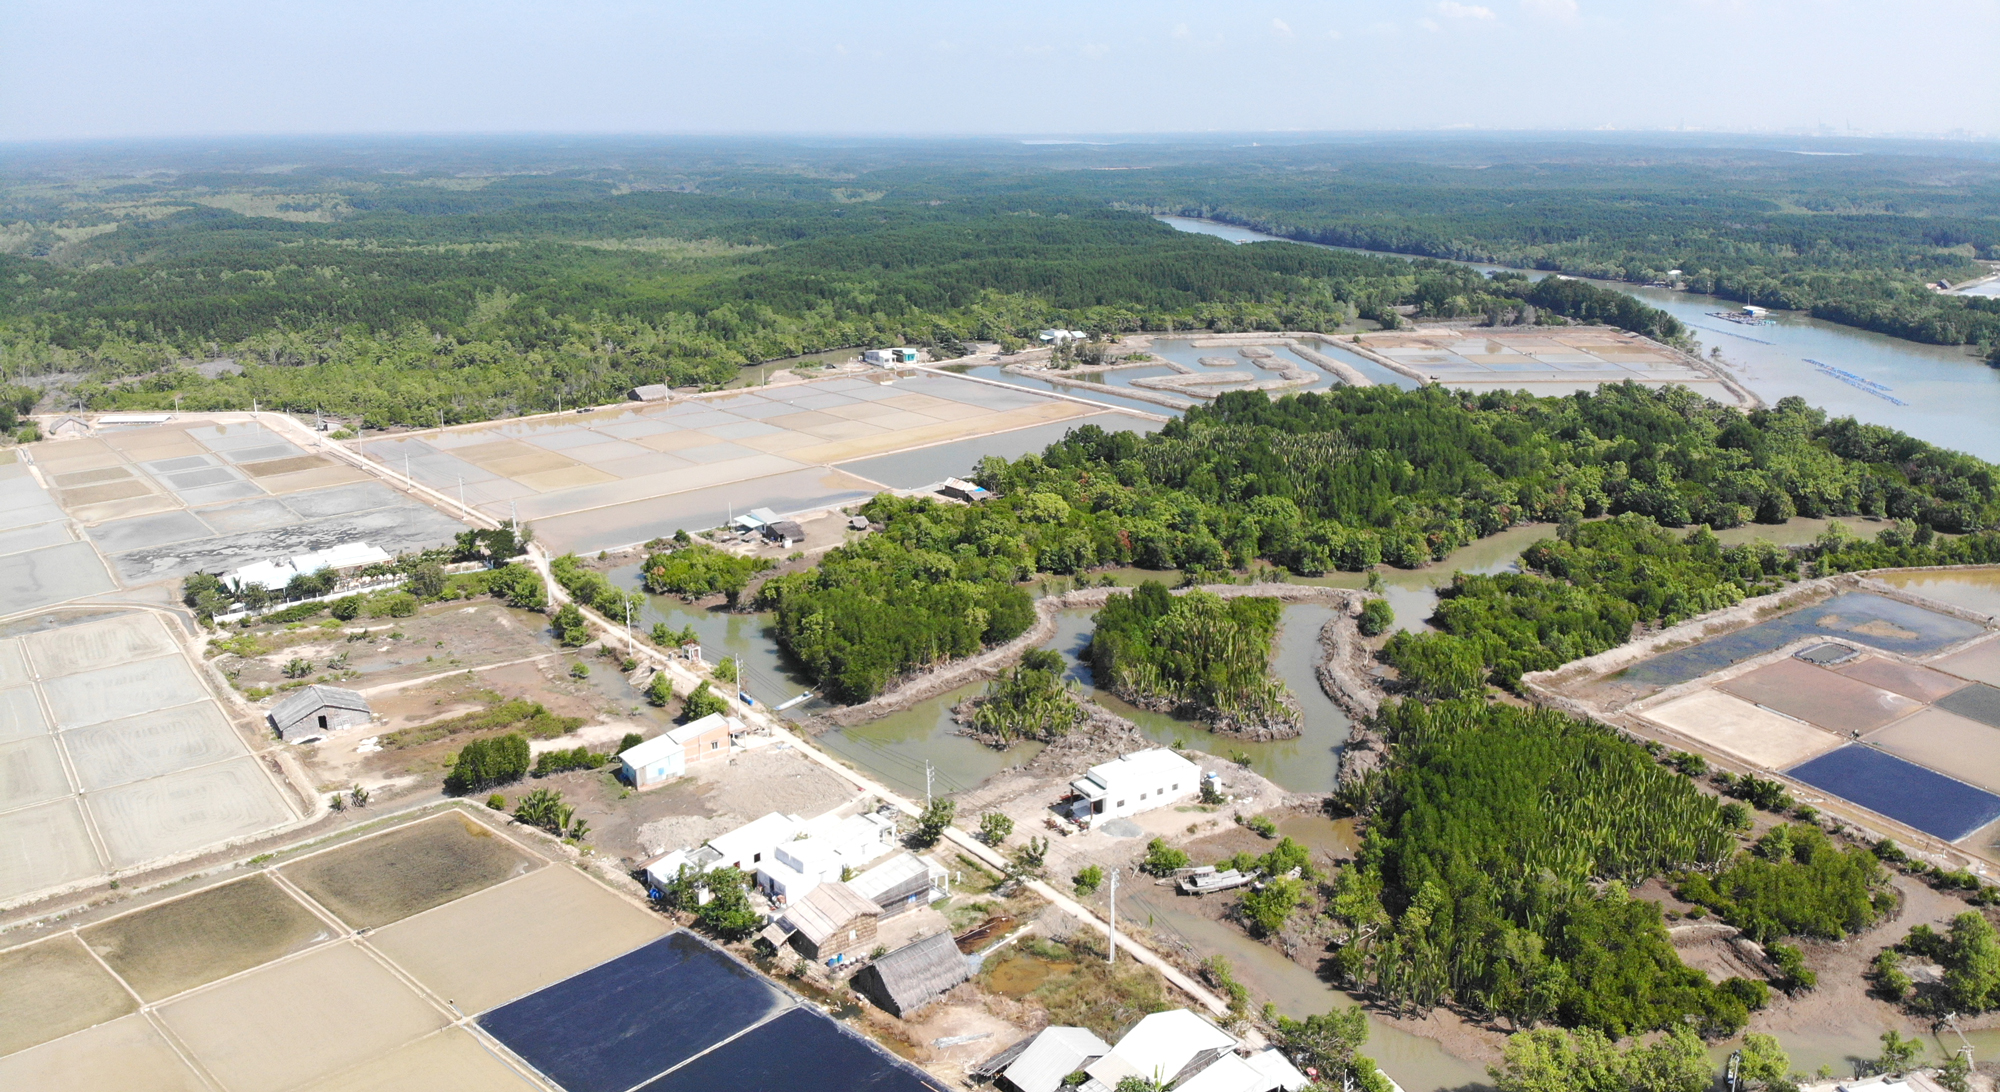 Tại ấp Thiềng Liềng, đã xảy ra cơn sốt đất sau đợt kiểm kê rừng; hiện phải mua với giá hơn 2 tỷ đồng/ha đất, người dân mới bán